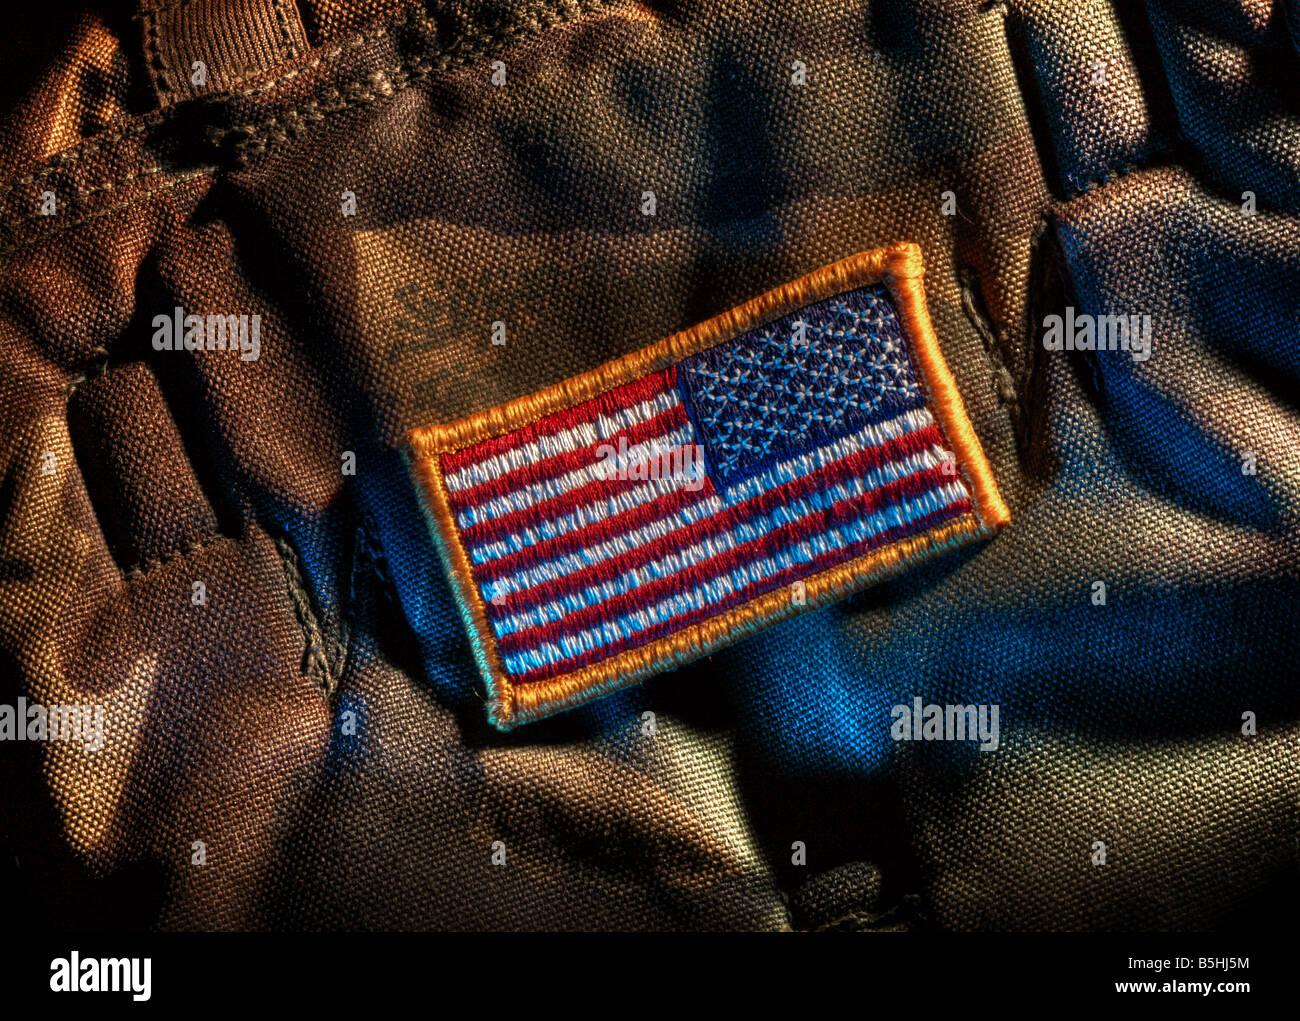 Ci staccabile bandiera patch sul militare tessuto camouflage. Mirroring di bandiera è per la spalla destra. Immagini Stock